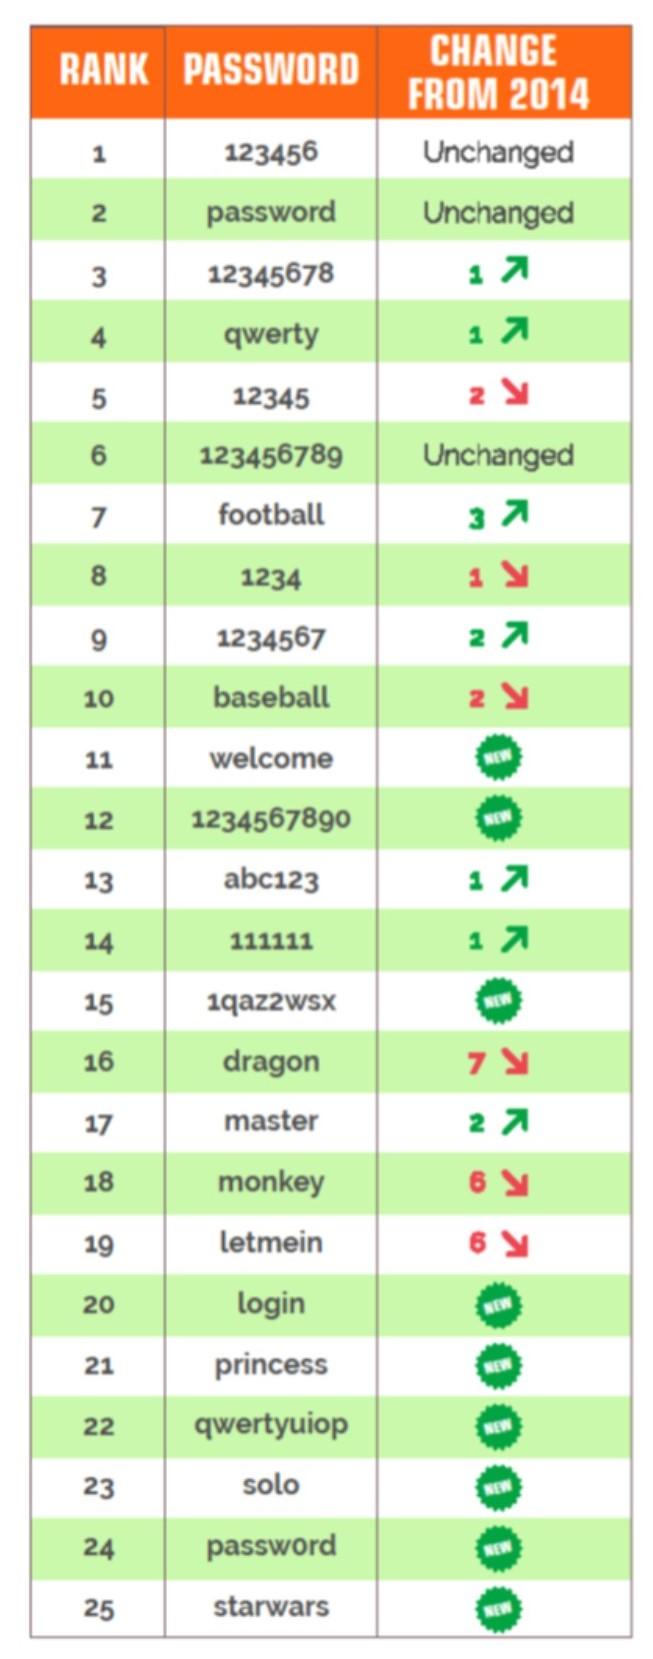 Worst Passwords of 2015 according to SplashData, Los Gatos, CA